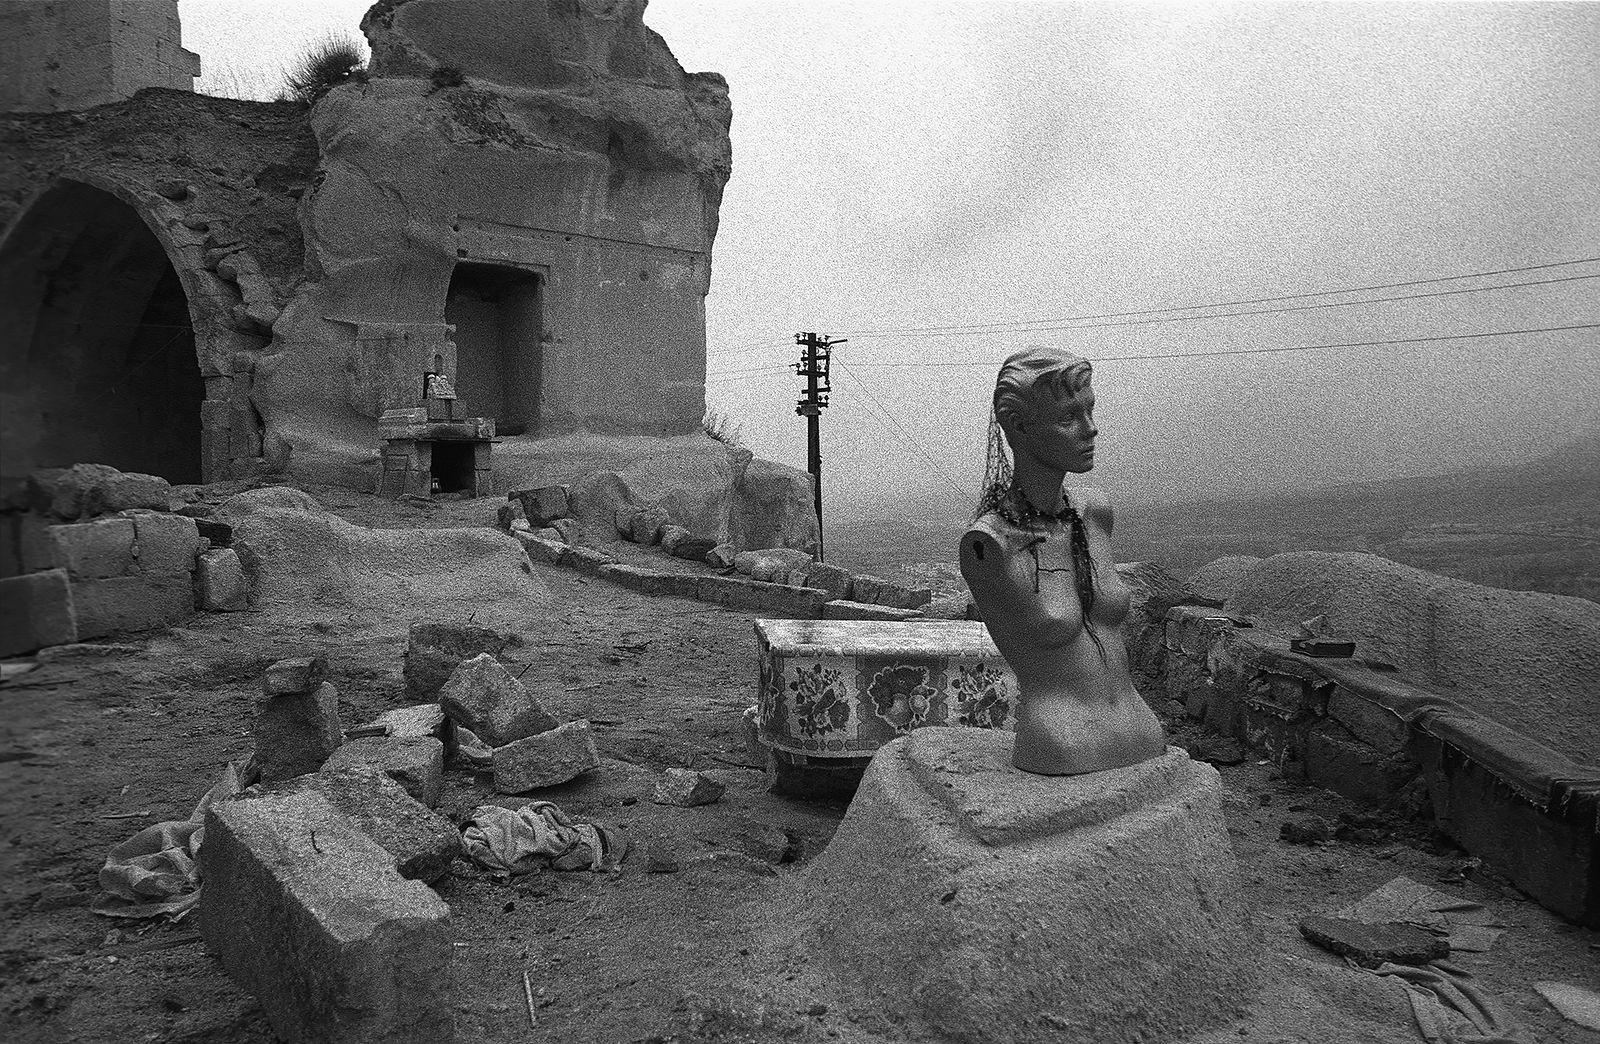 Евгений Сафьян. Manequin cities. Турция, 2005